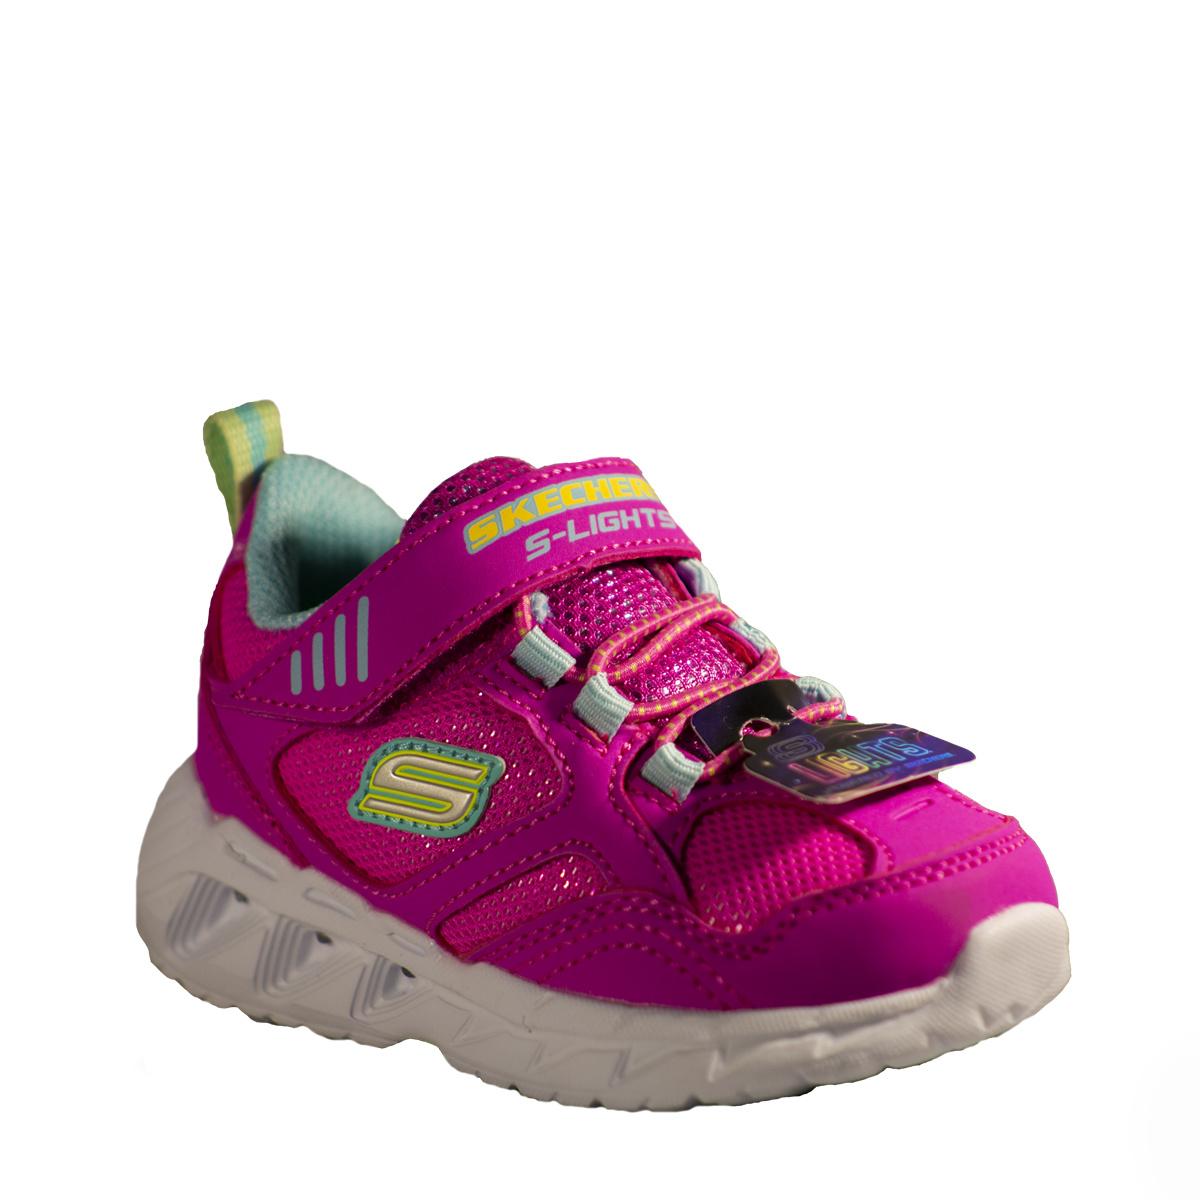 Skechers Expert Level Pink Multi